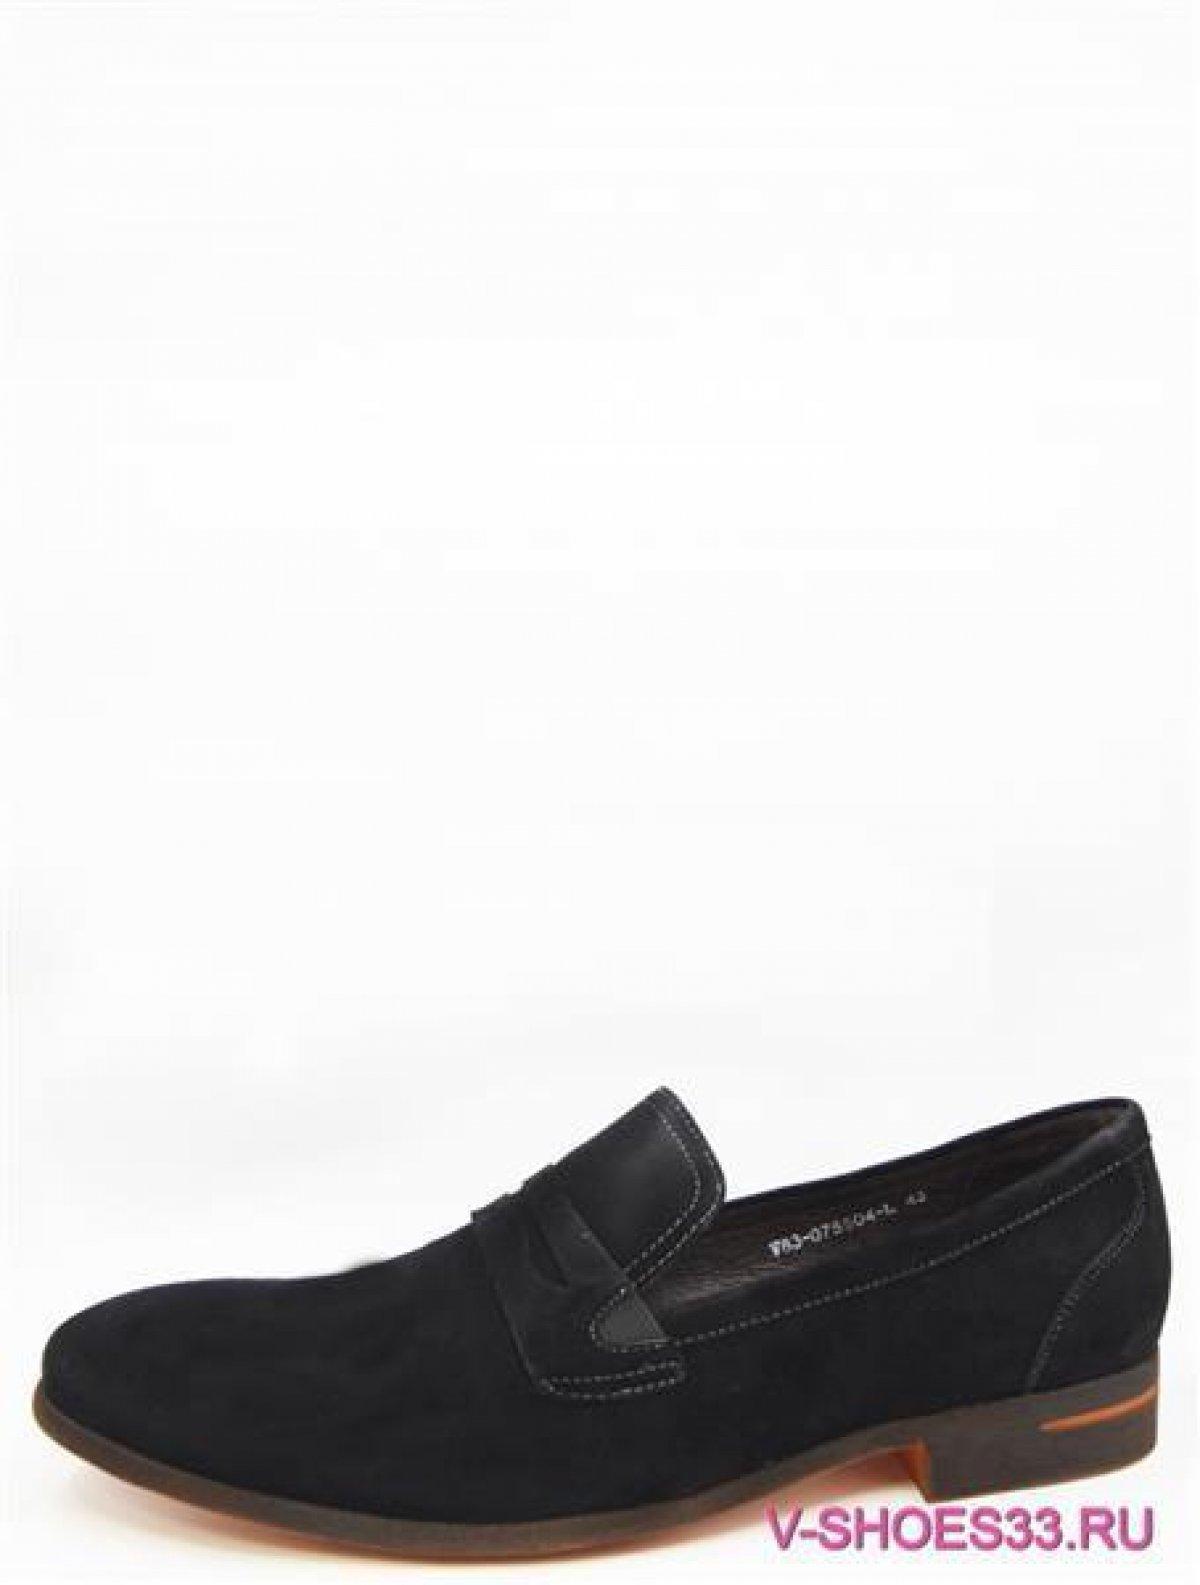 V83-075504 мужские туфли